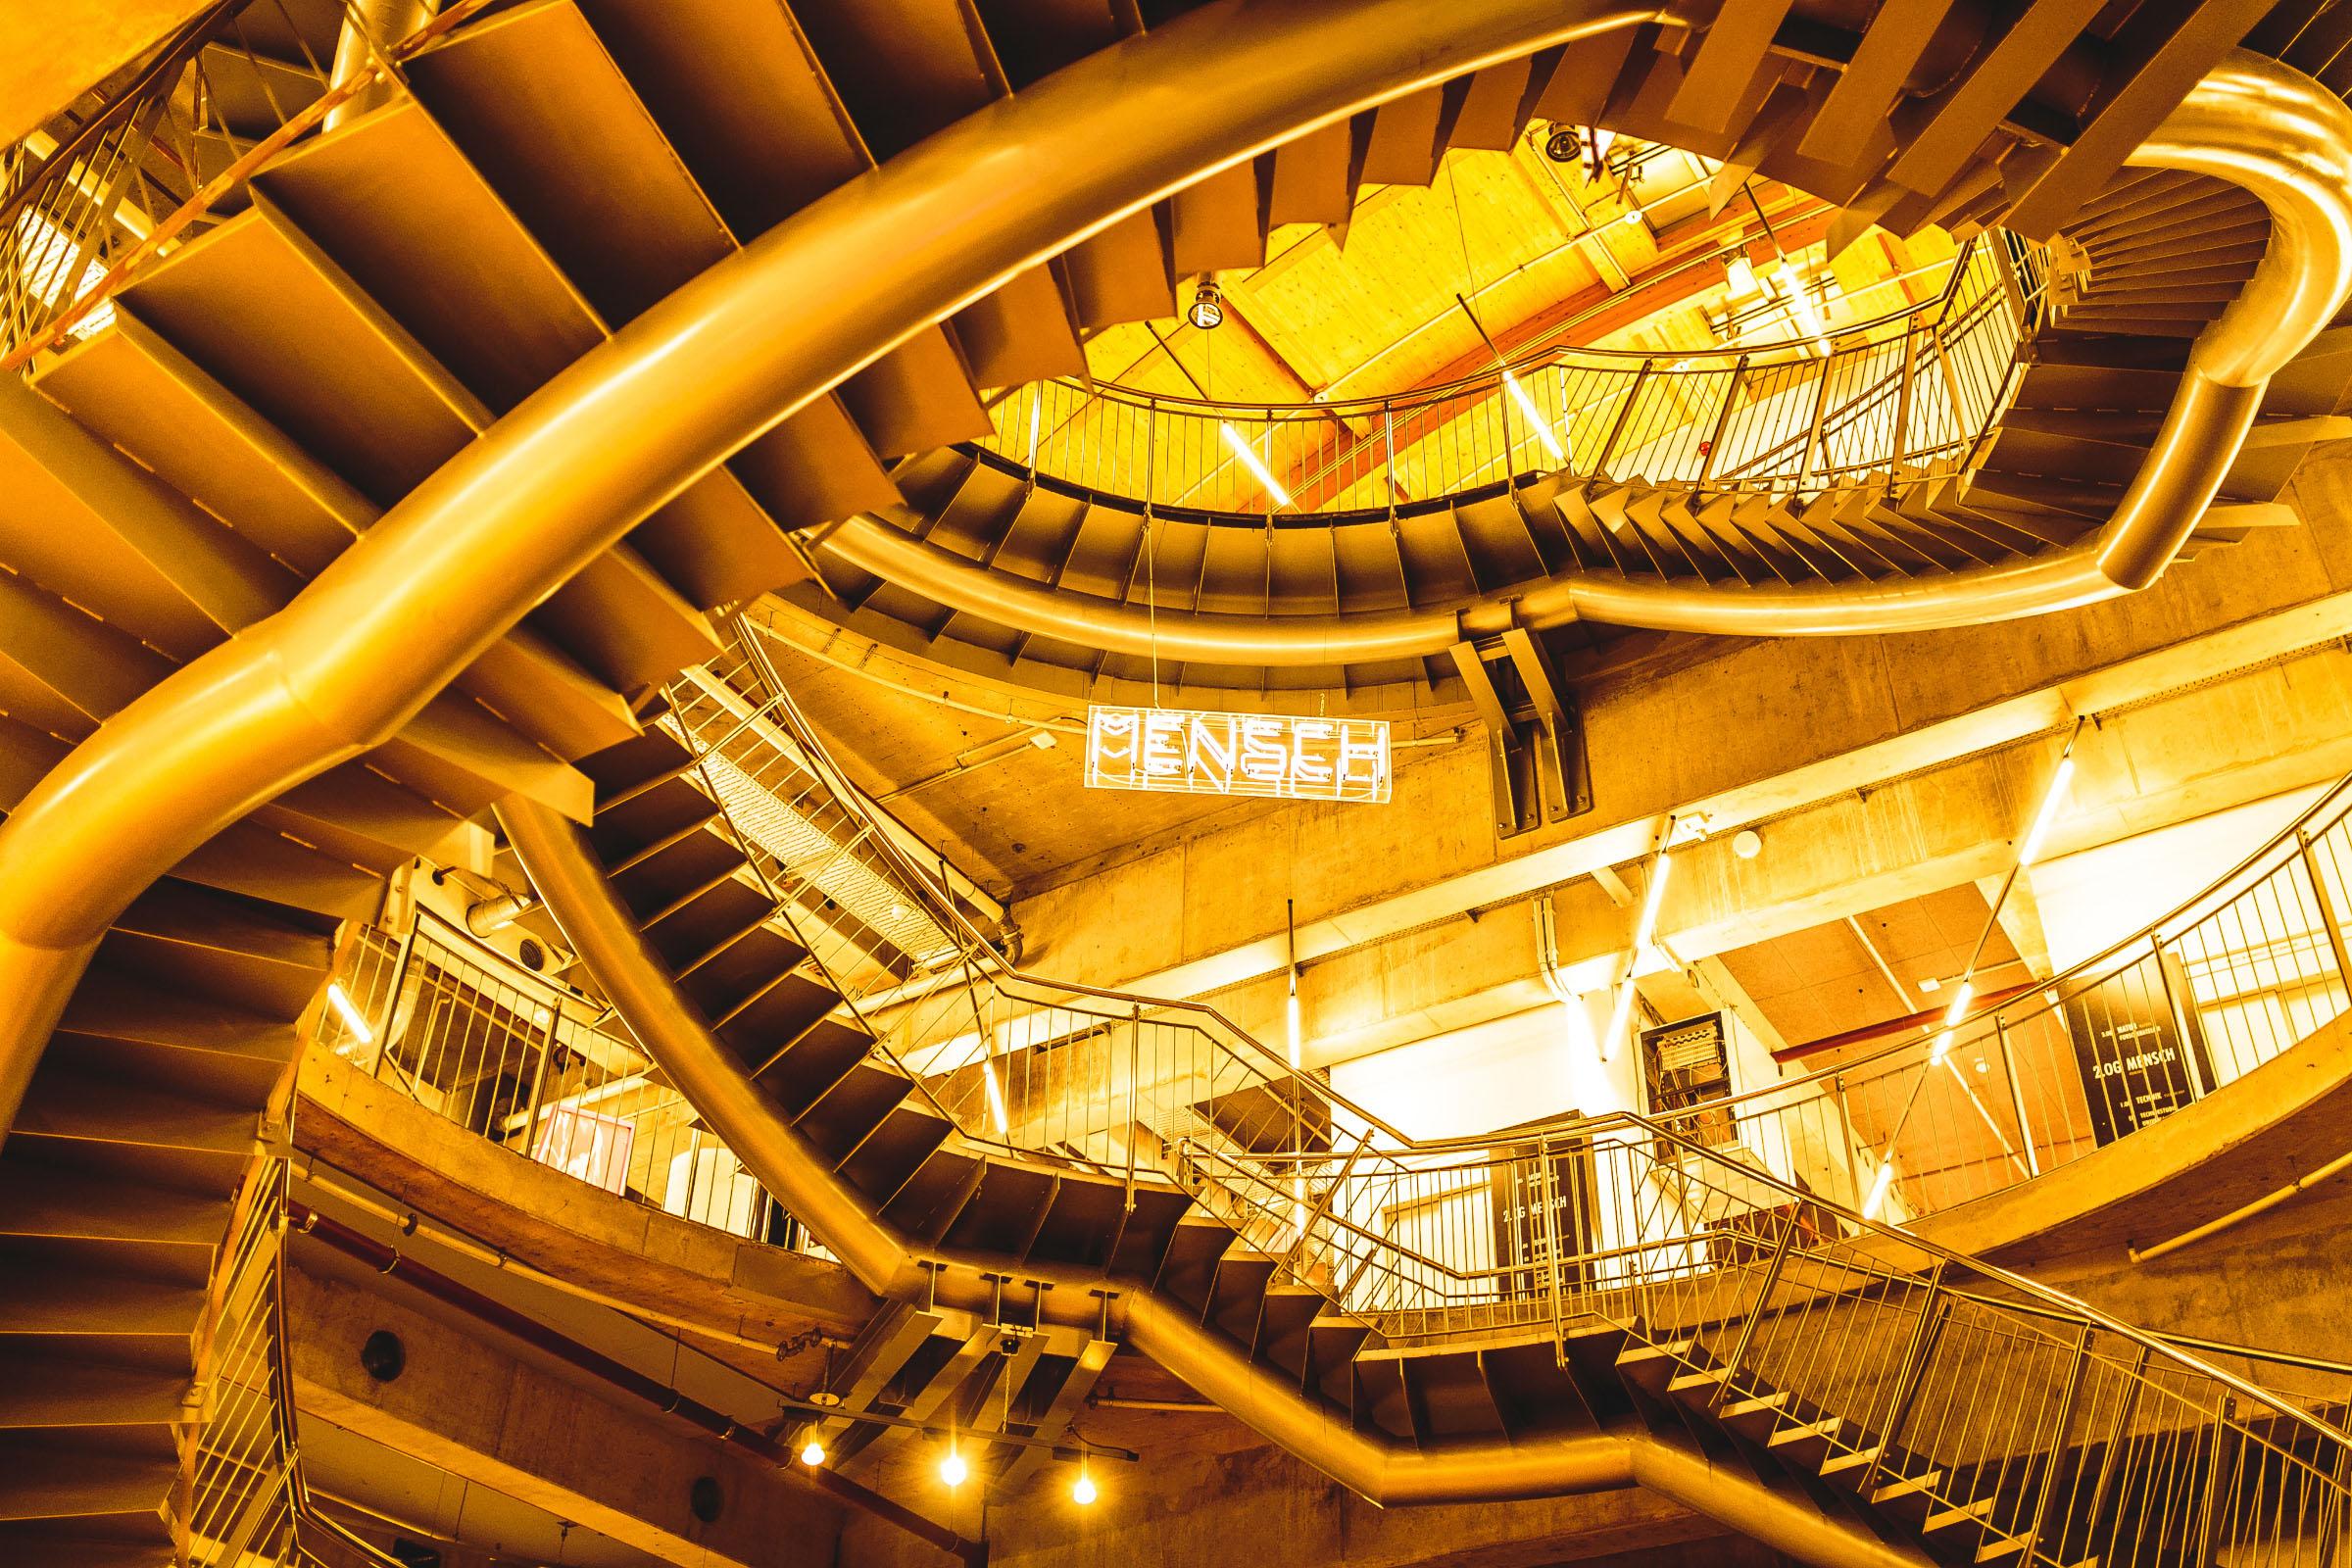 Auf diesem Bild sieht man die Treppeninsel im Universum Bremen.